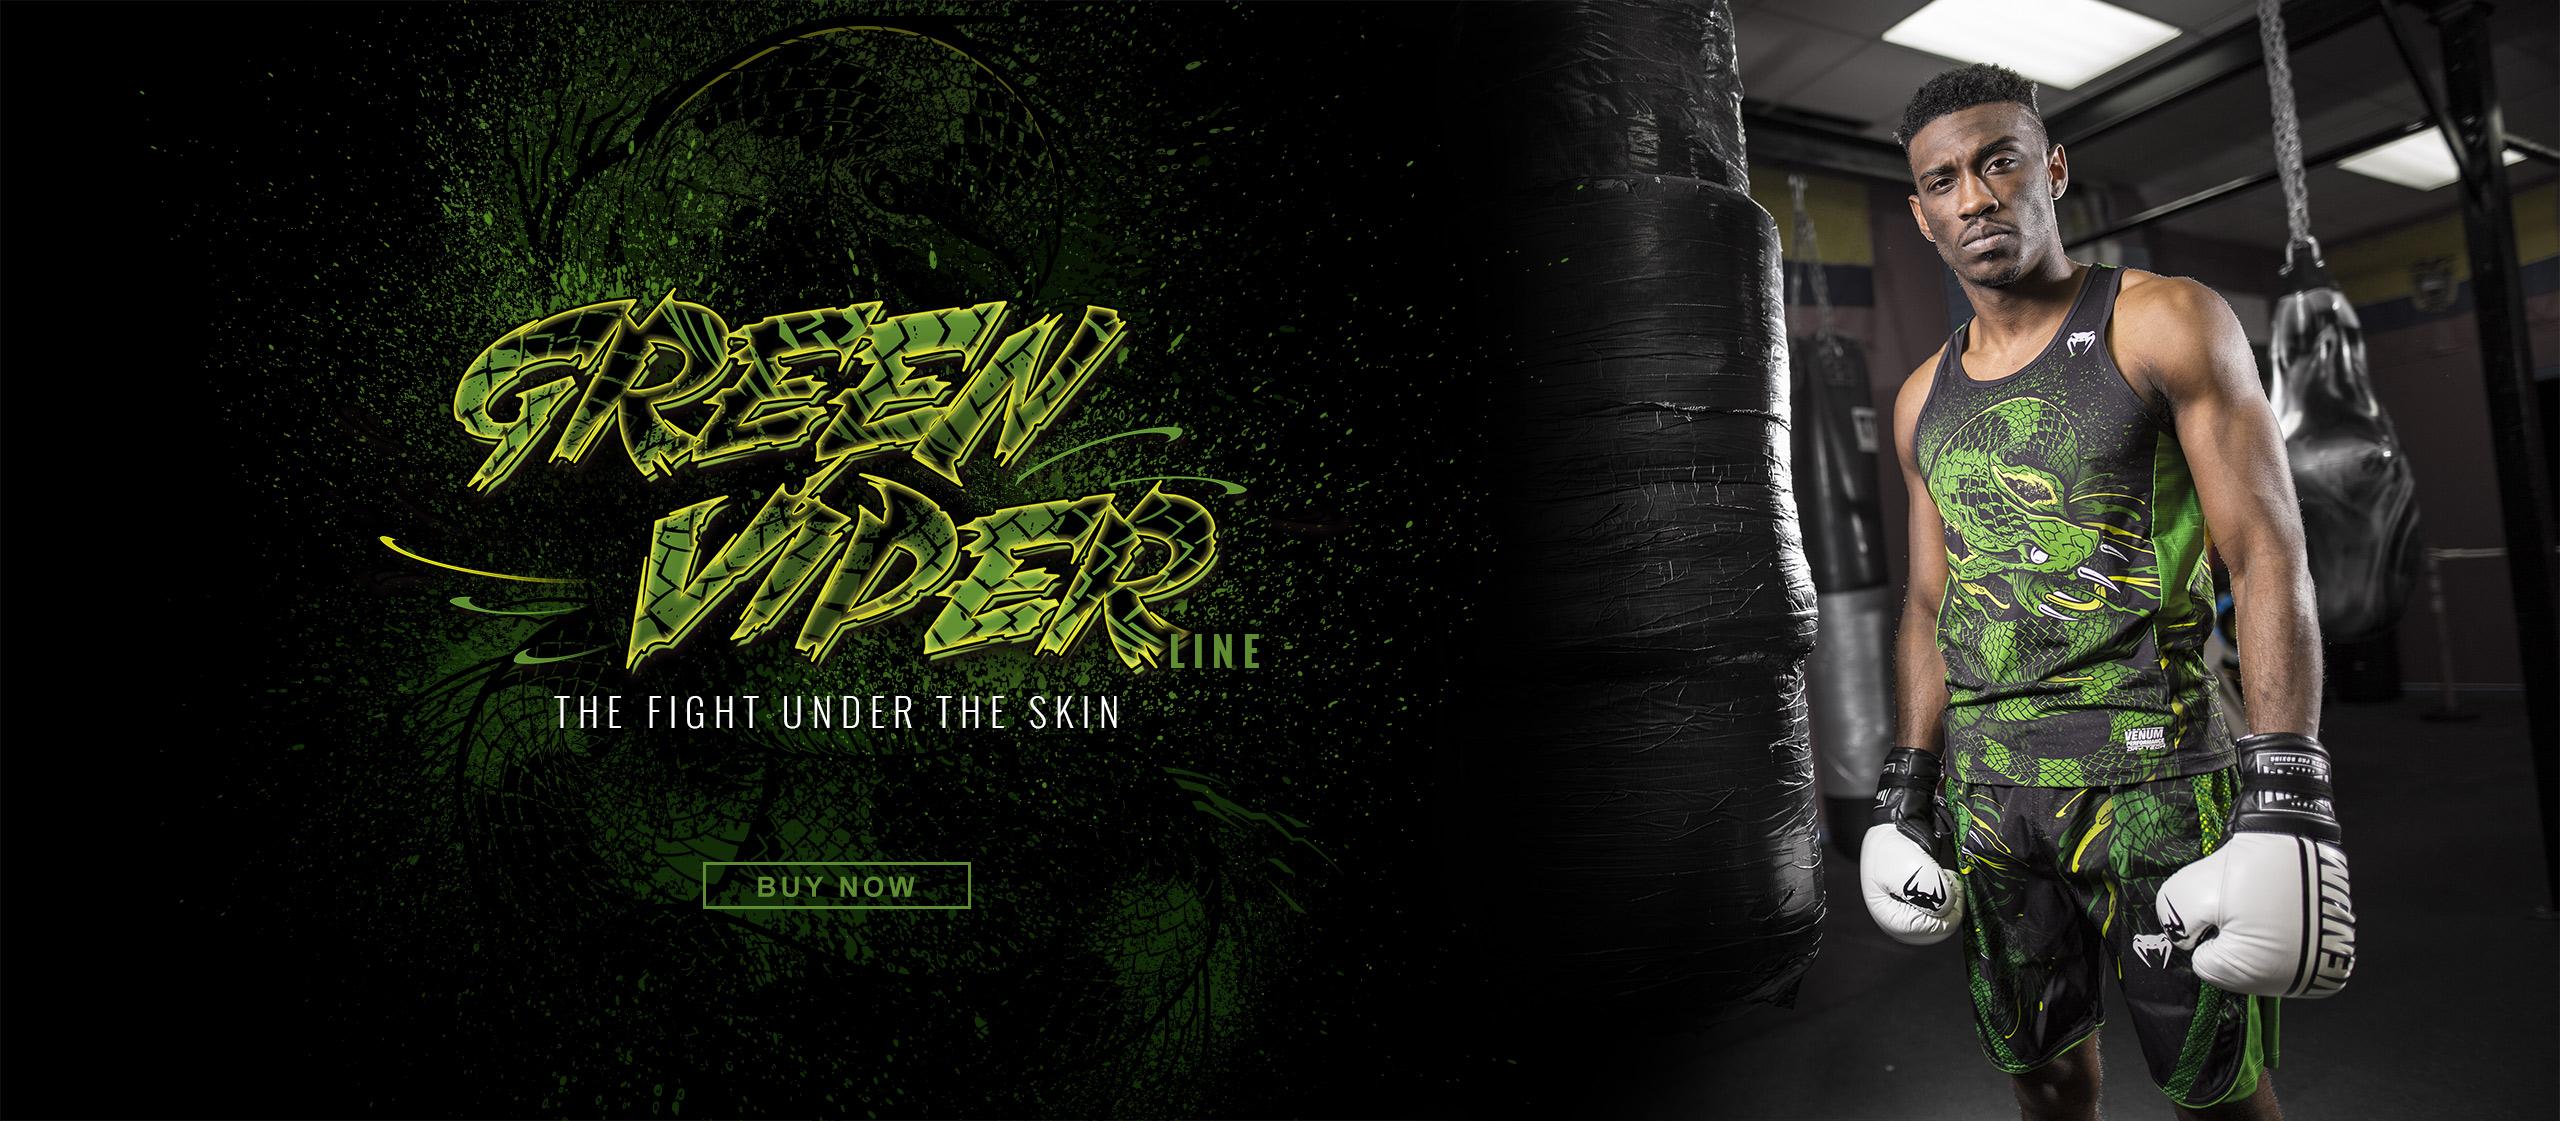 Venum Green Viper